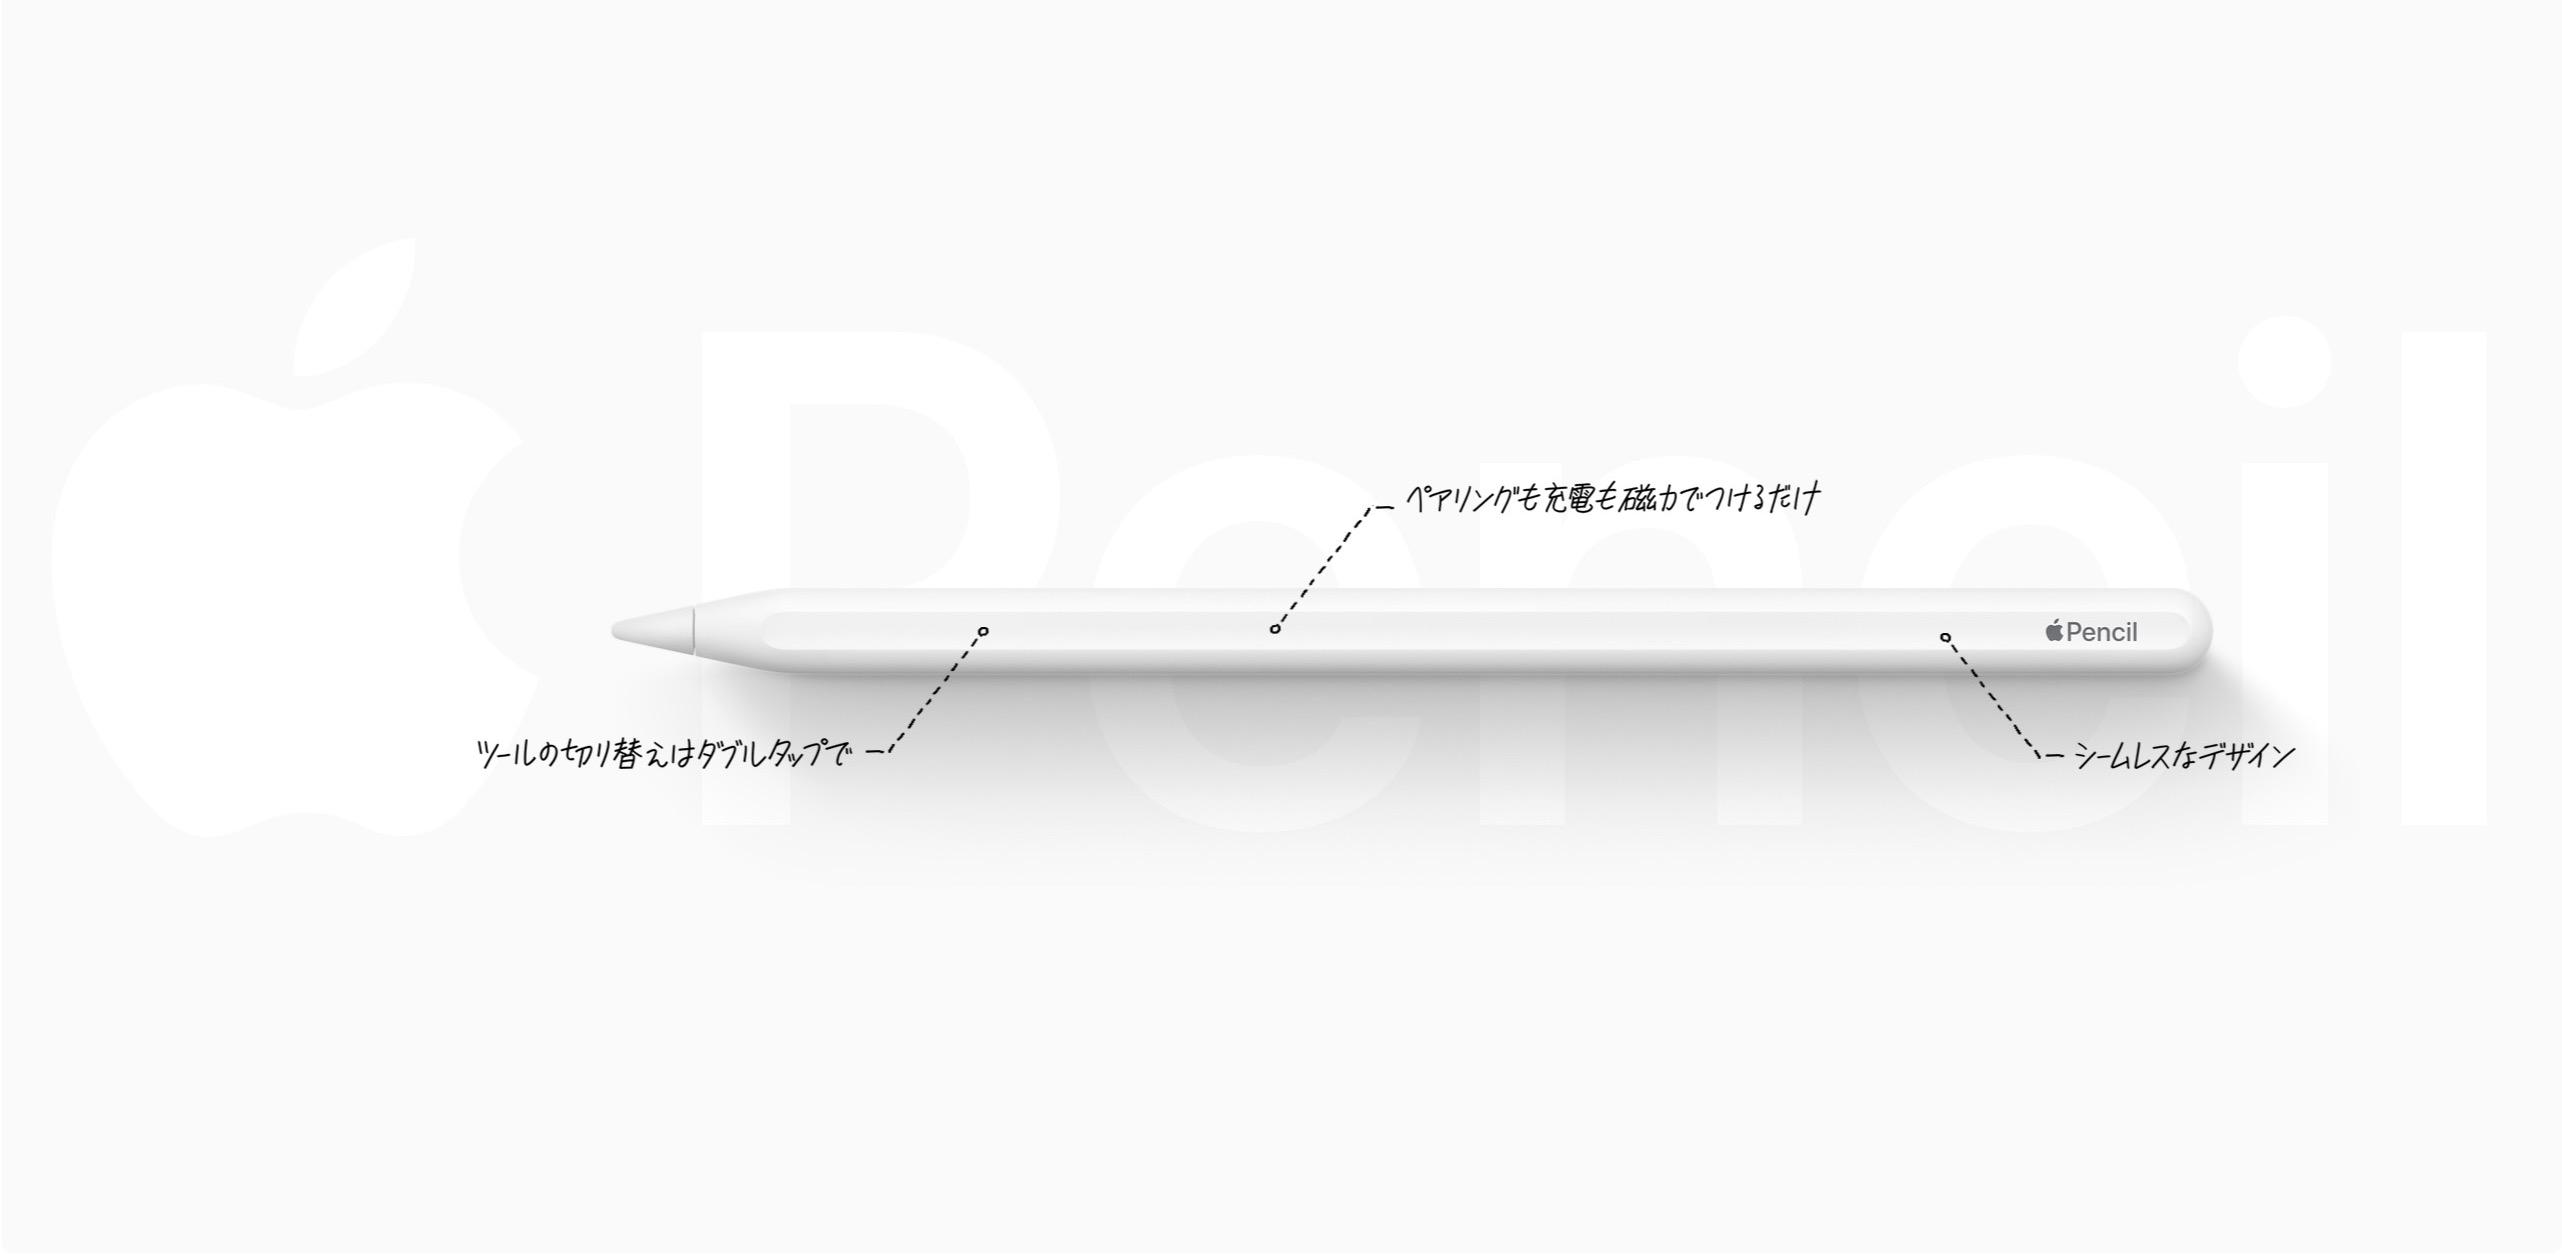 「iPad mini 5」のサイズが明らかに。第2世代Apple Pencilは使えず?